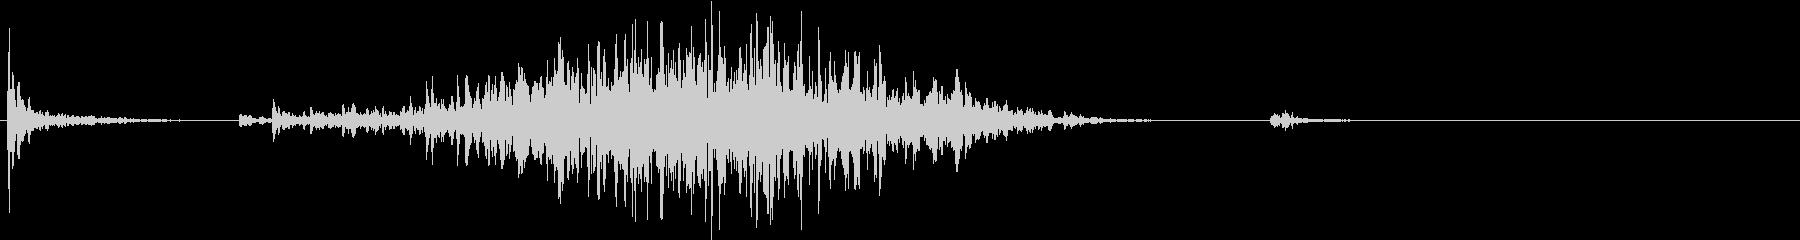 【生録音】ペンで書く音 机 6の未再生の波形